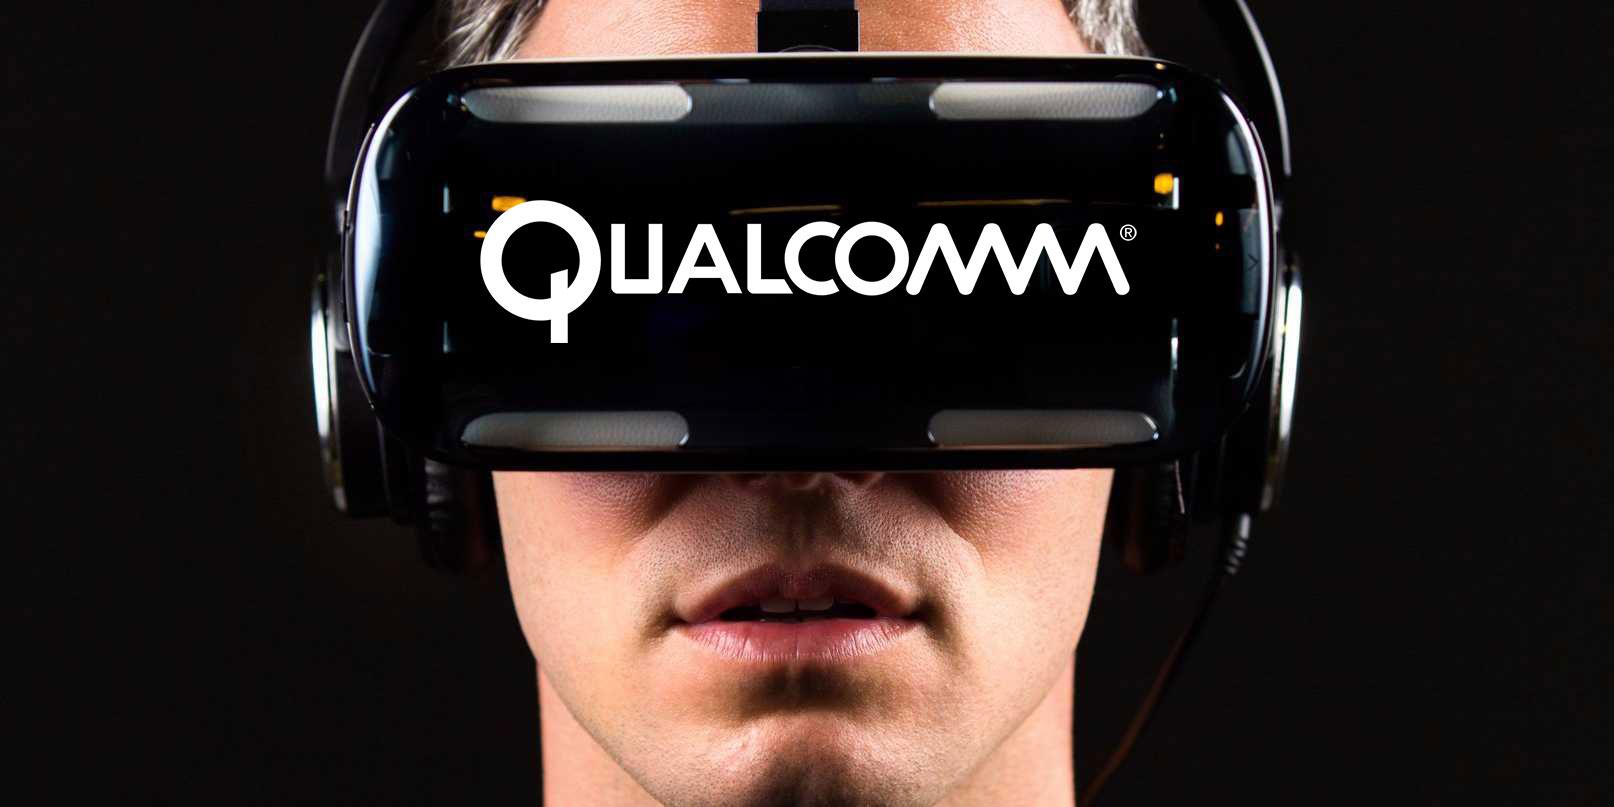 qualcomm realidad aumentada gafas